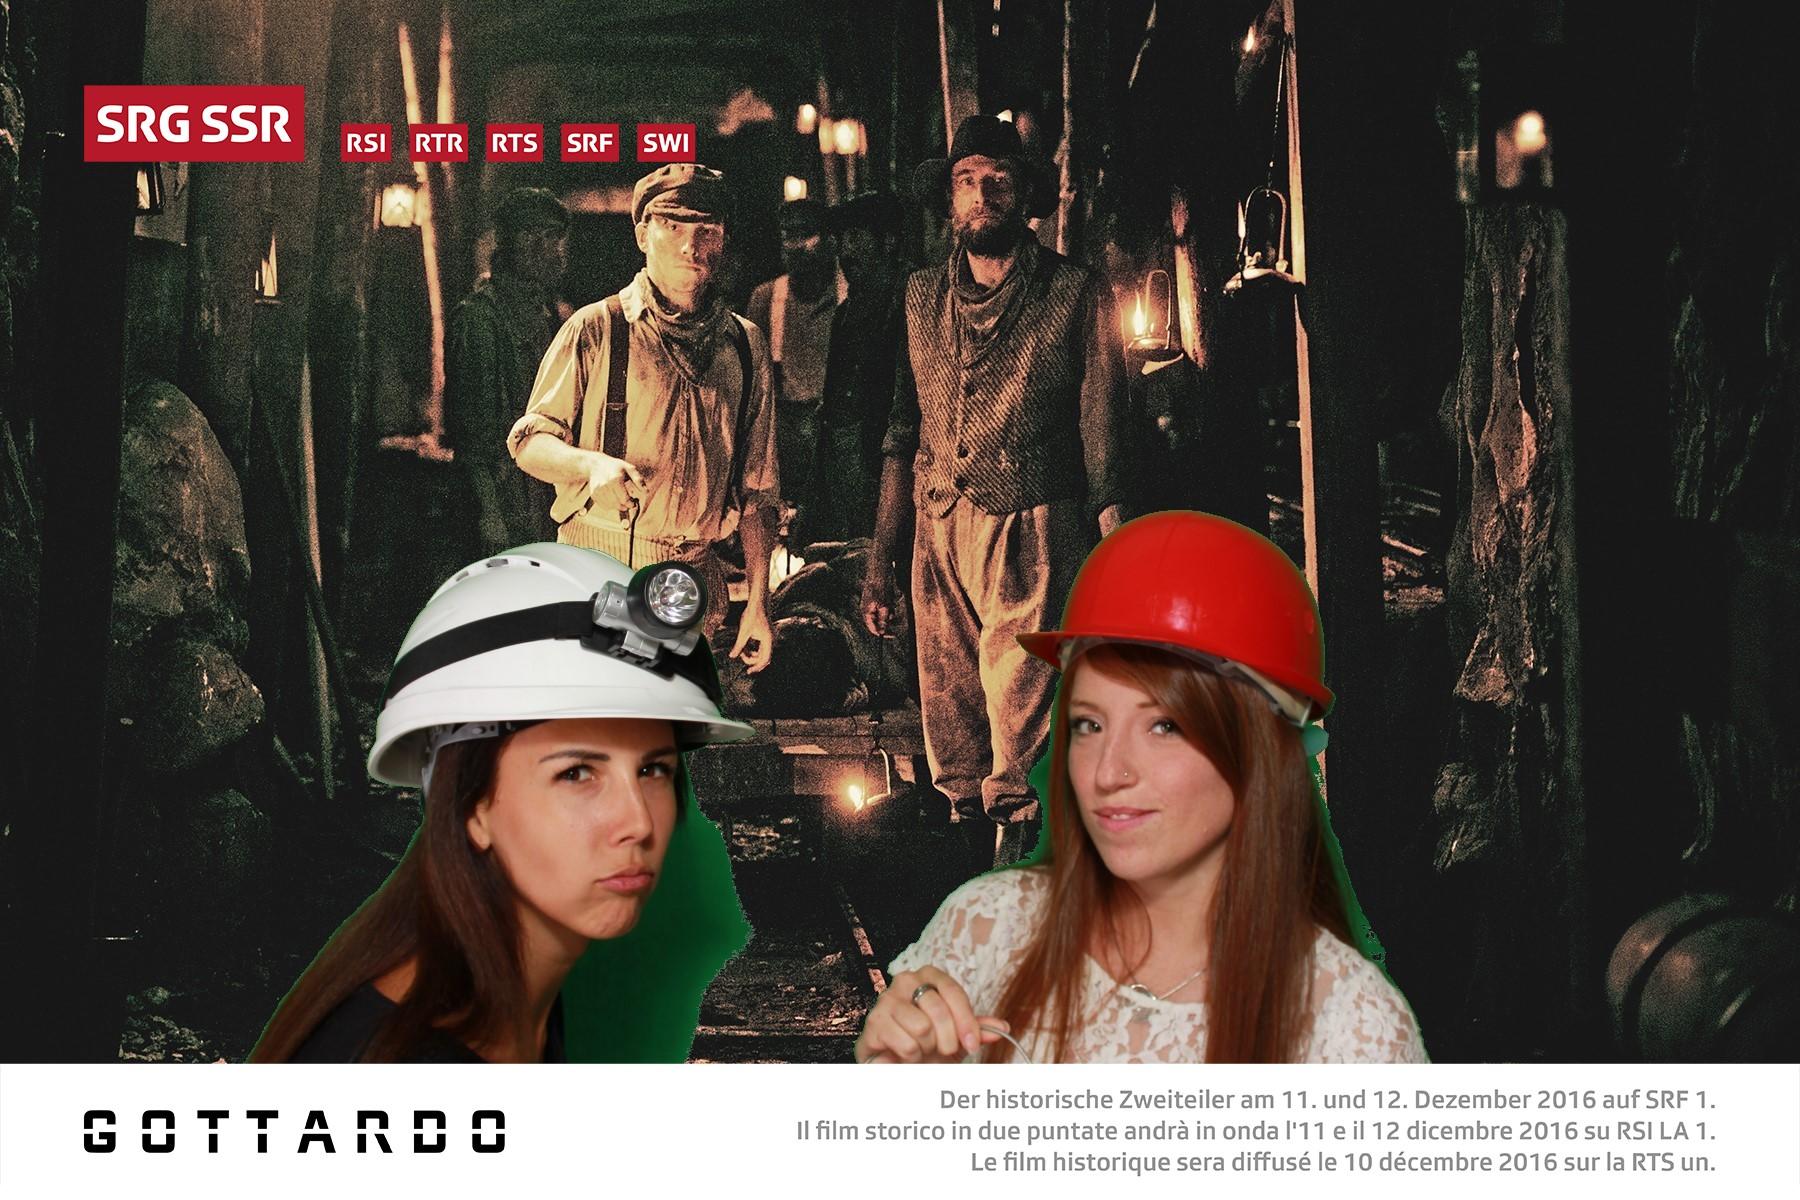 Gottardo - Der historische Zweiteiler am 11. und 12. Dezember 2016 auf SRF 1. Il film storico in due puntate andrà in onda l'11 e il 12 dicembre 2016 su RSI LA 1. Le film historique sera diffusé le 10 décembre 2016 sur la RTS un. Foto: